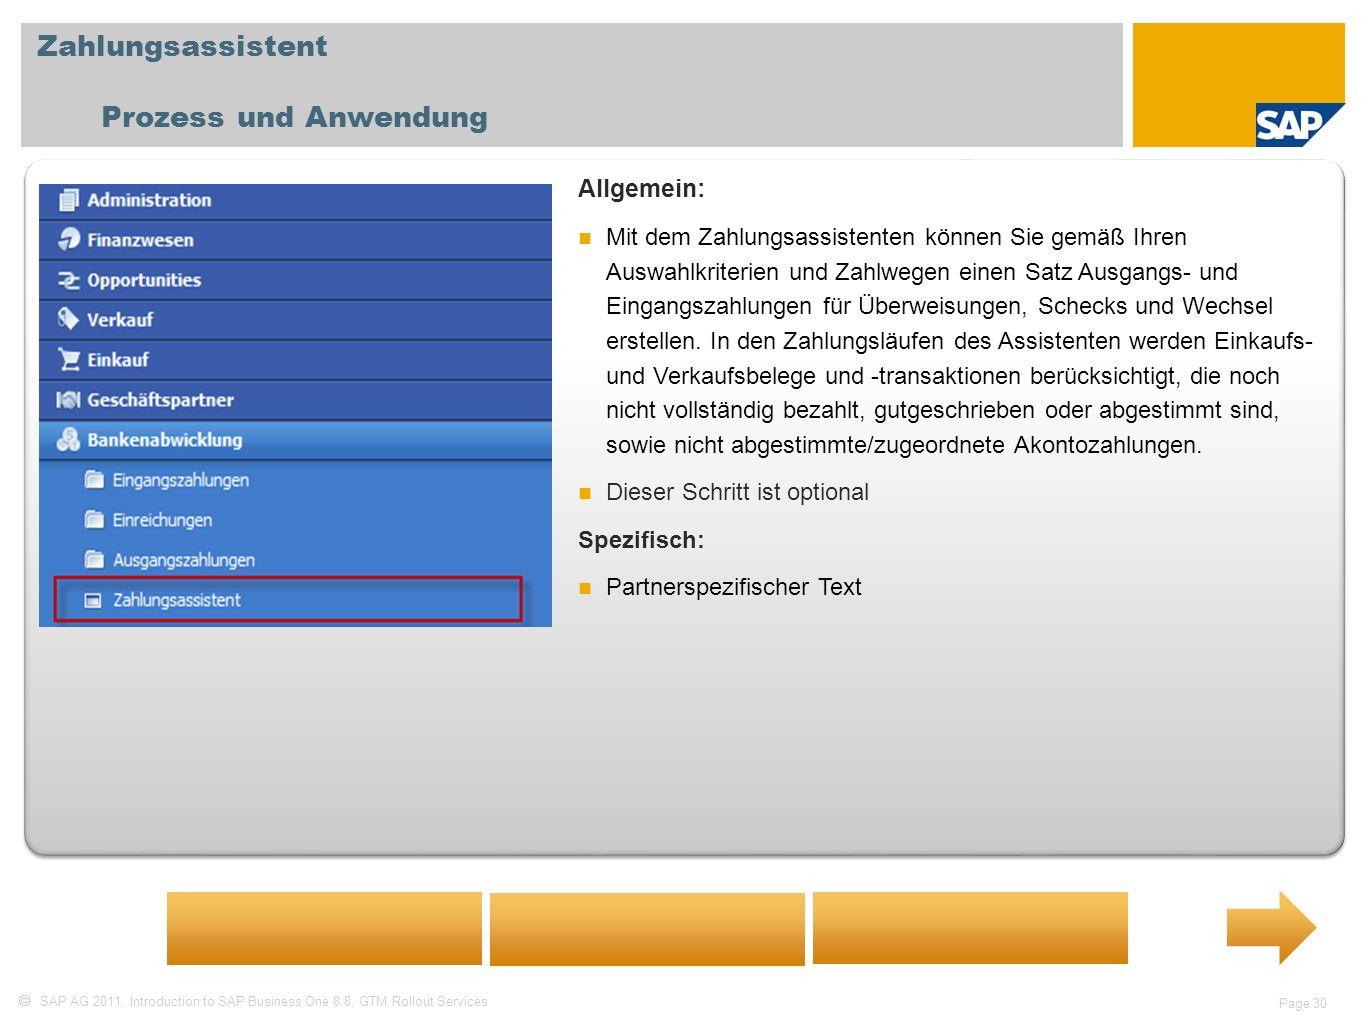 SAP AG 2011, Introduction to SAP Business One 8.8, GTM Rollout Services Page 30 Zahlungsassistent Prozess und Anwendung Allgemein: Mit dem Zahlungsassistenten können Sie gemäß Ihren Auswahlkriterien und Zahlwegen einen Satz Ausgangs- und Eingangszahlungen für Überweisungen, Schecks und Wechsel erstellen.